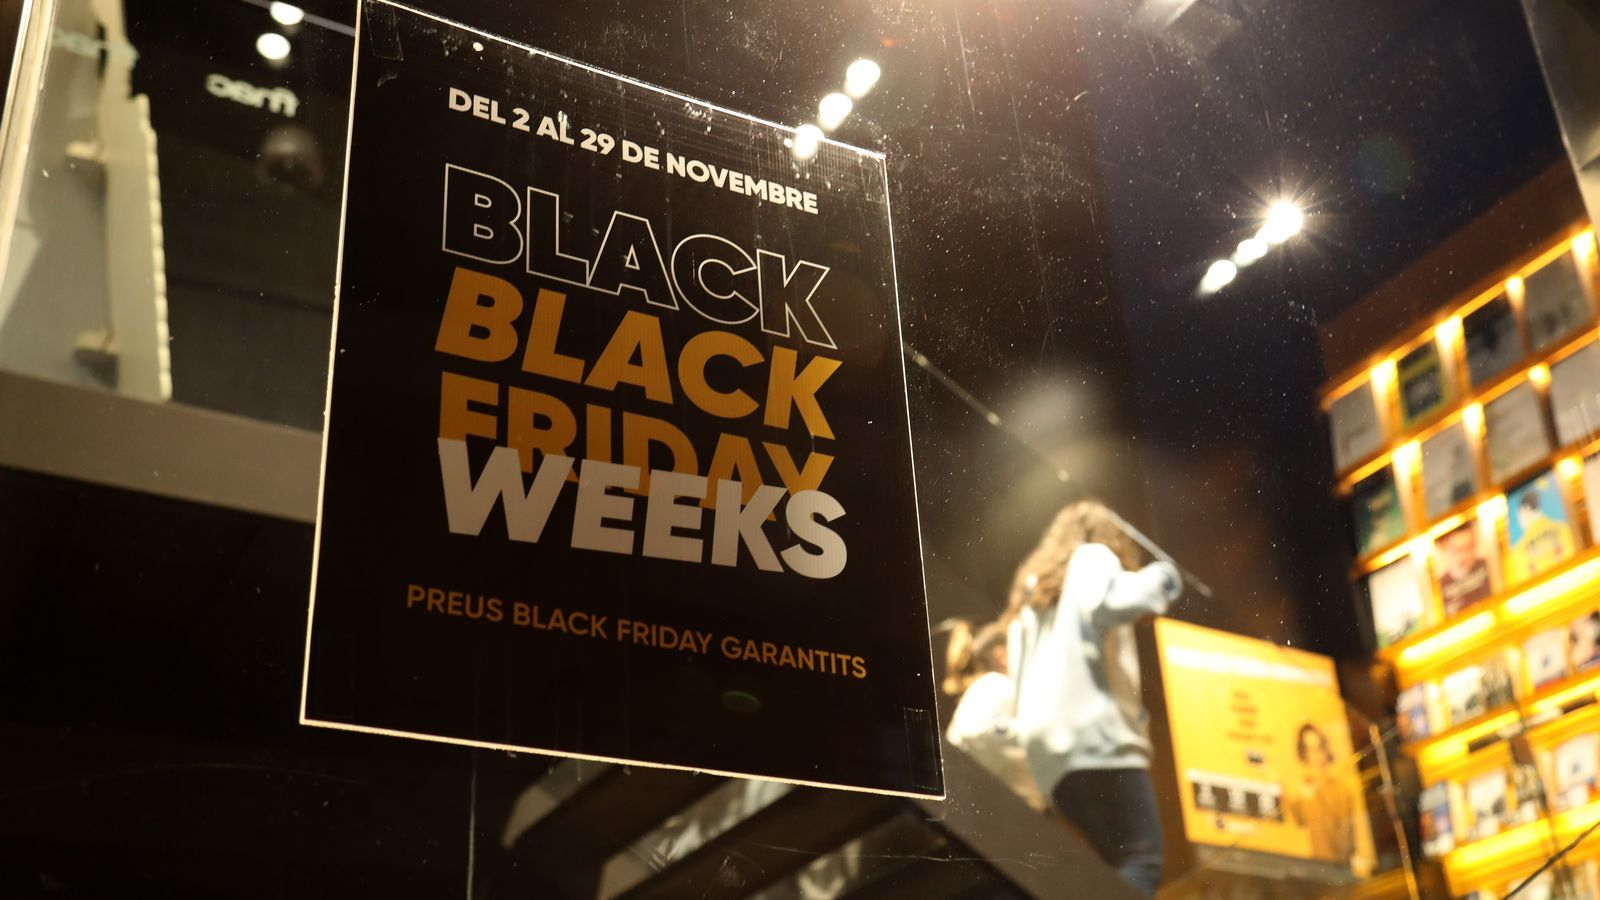 Les patronals xifren entre un 30% i un 50% la davallada de les vendes del Black Friday